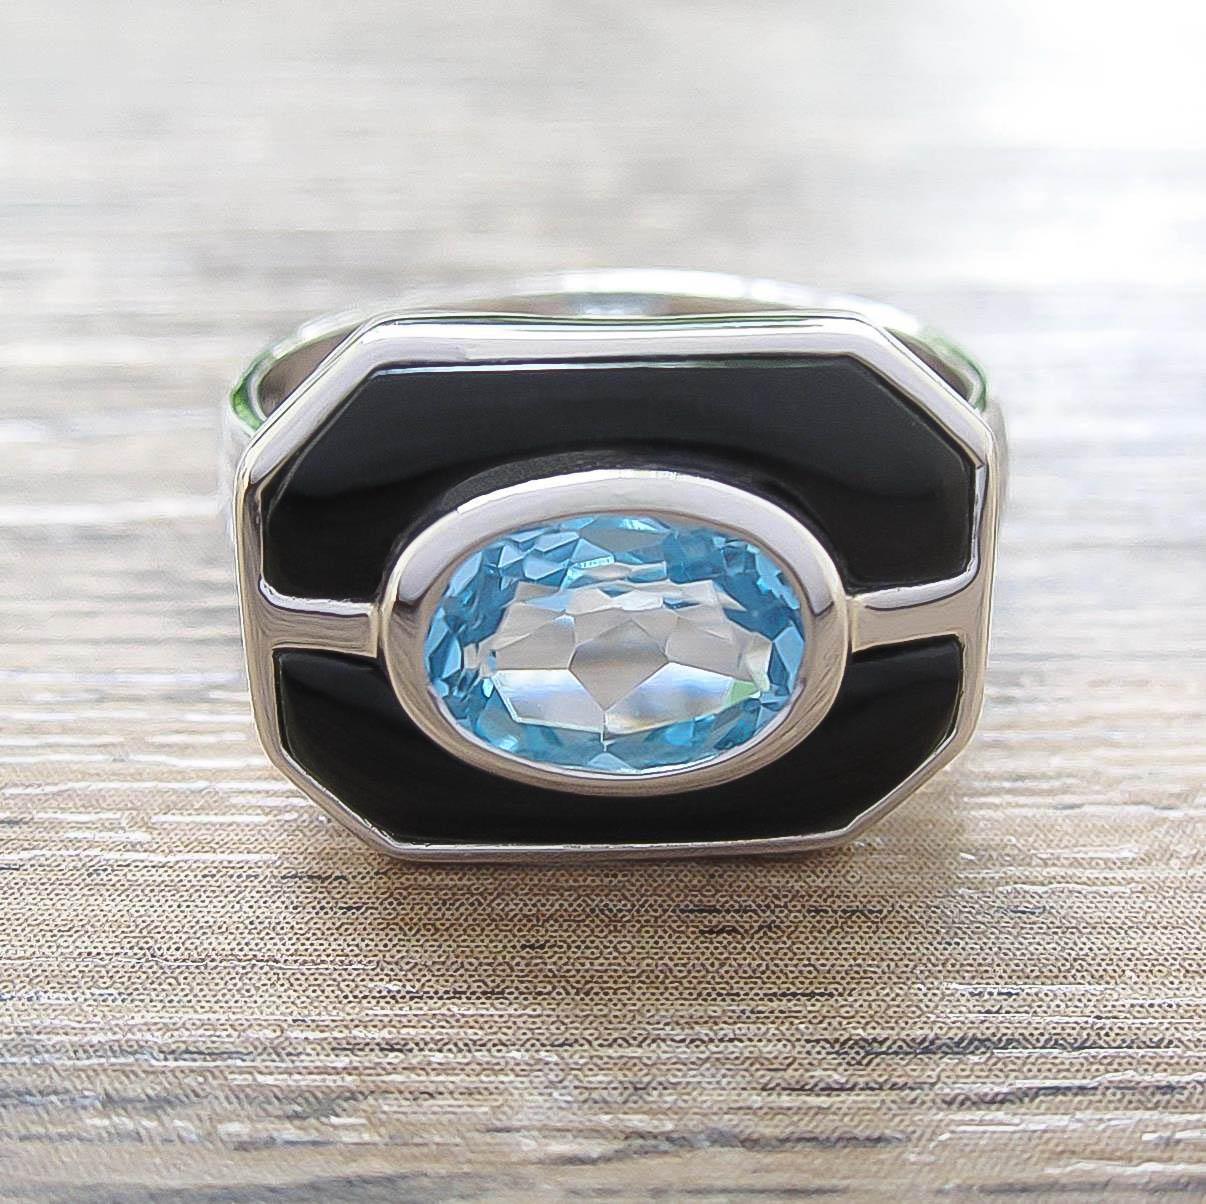 แหวน Blue Topaz + Black Onyx Sterling Silver สี Rhodium รุ่น Charming